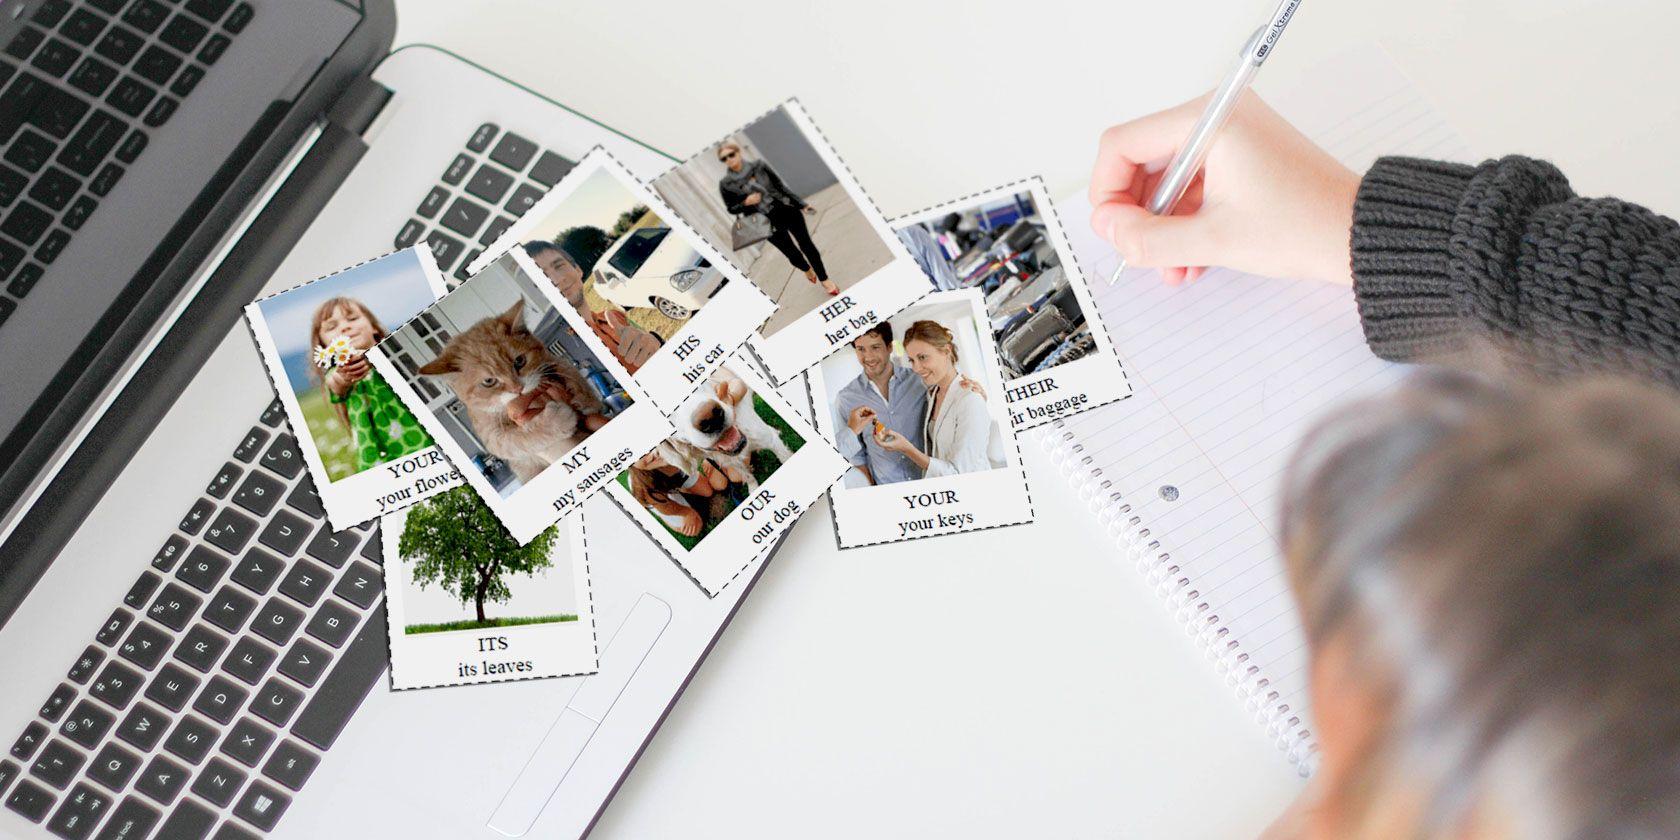 sites-make-flashcards-online